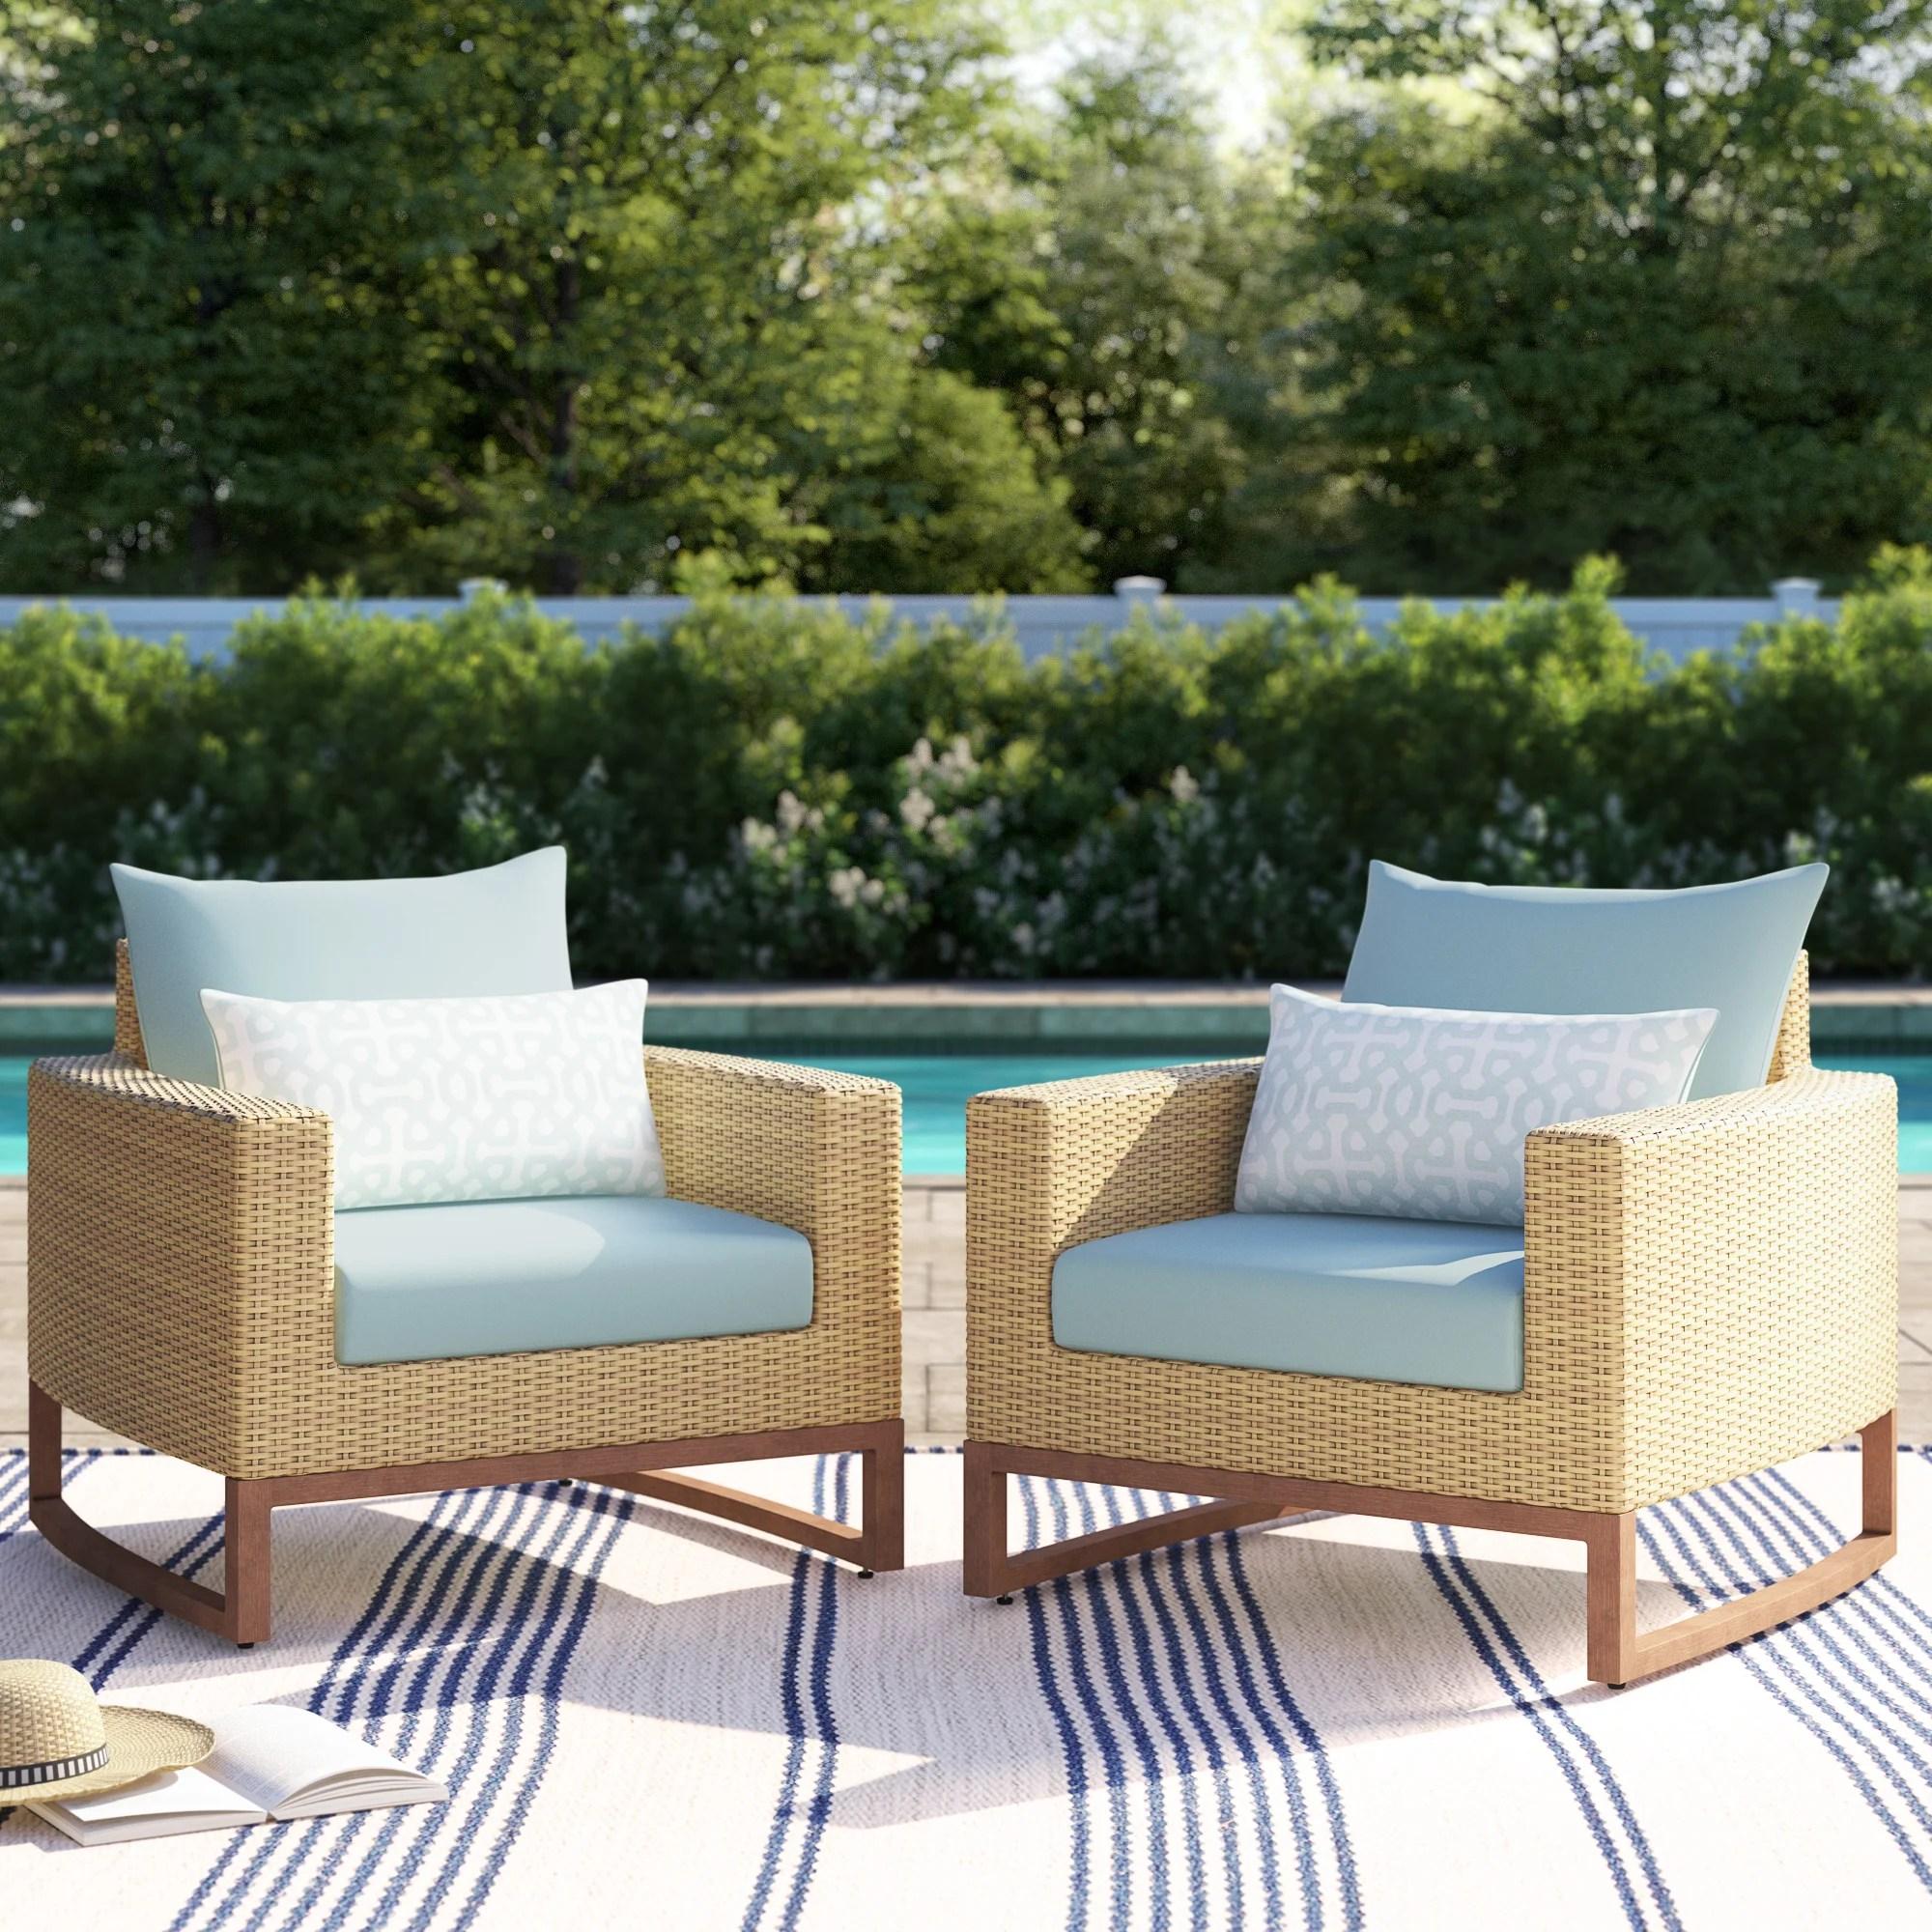 mcdougal patio chair with sunbrella cushions